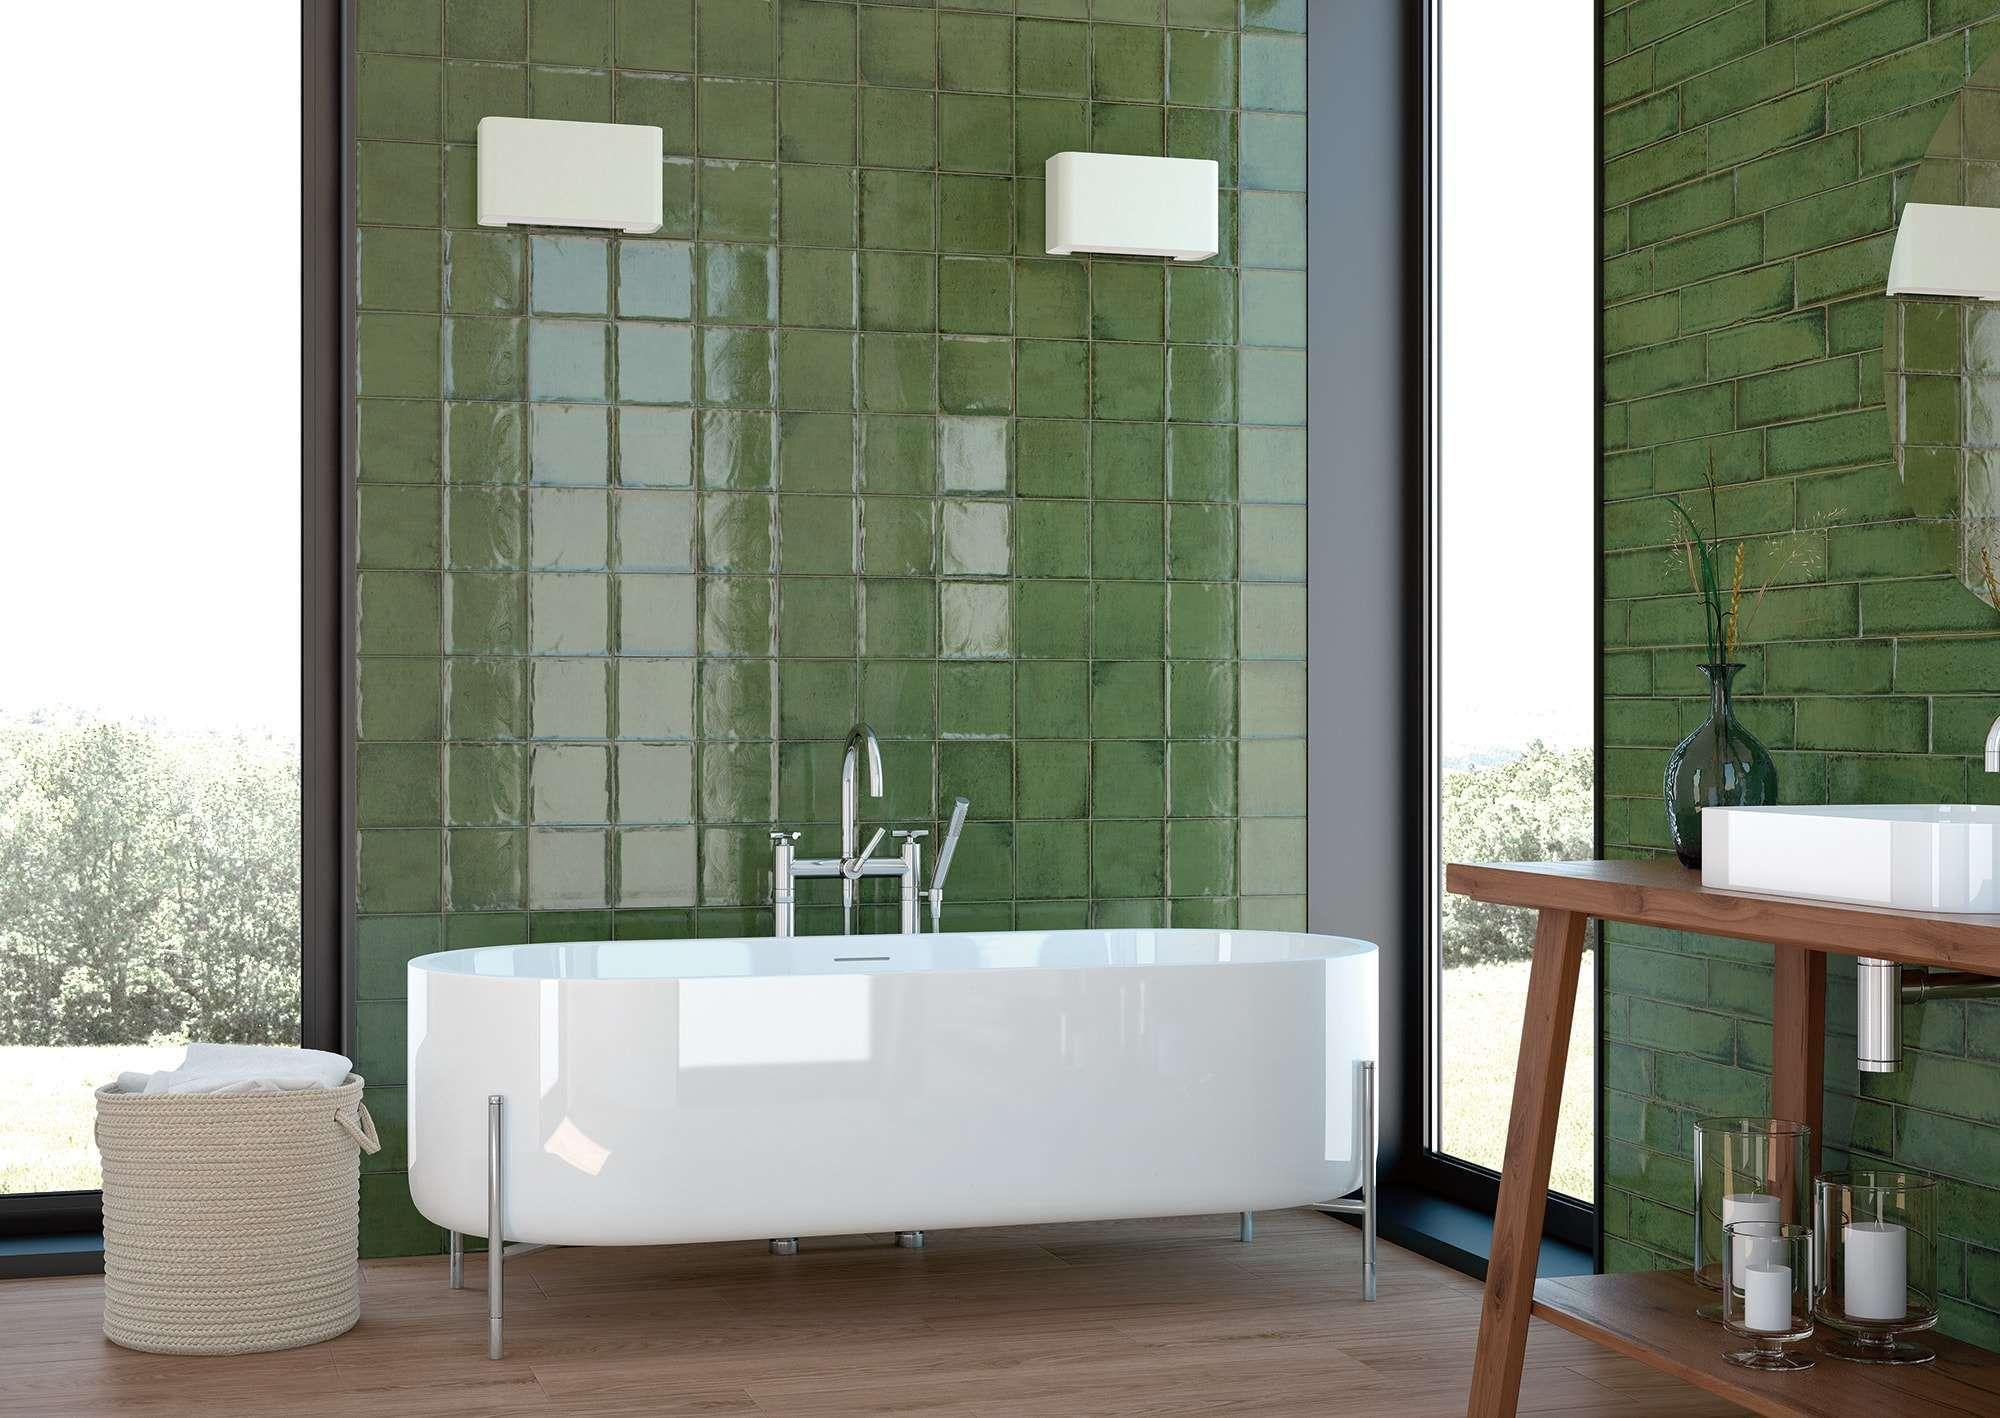 Grüne Wandfliesen | Glam Olivgrün | 15x15 Cm | Wunderschöne Wandfliesen Mit  Krakelee Effekt.